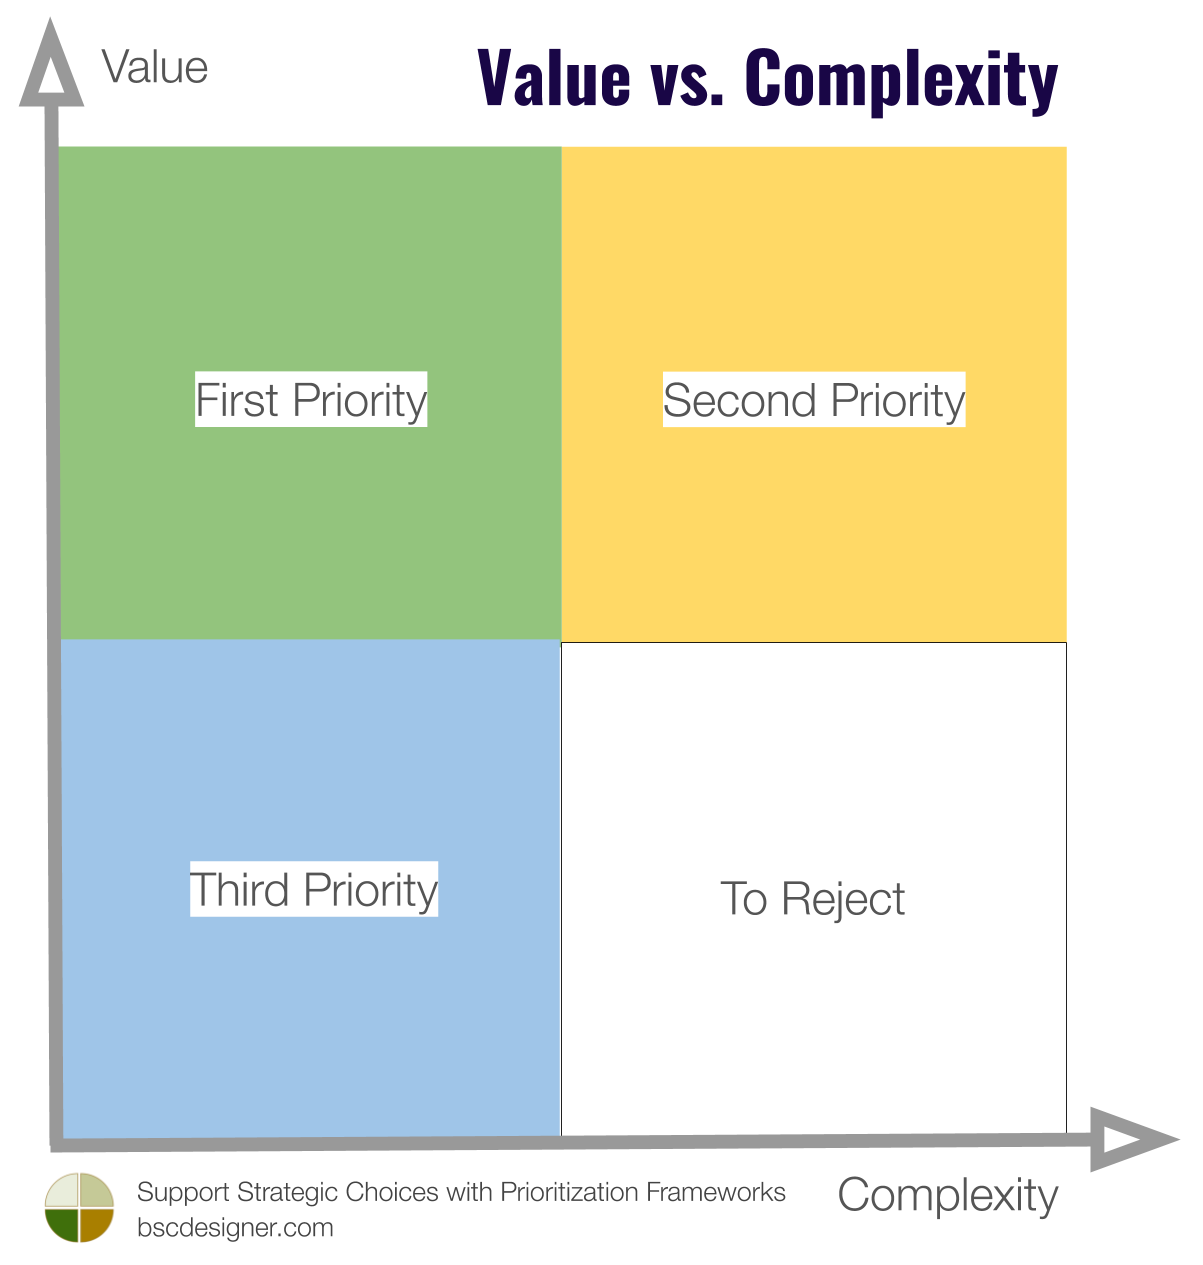 Value vs. Complexity Matrix